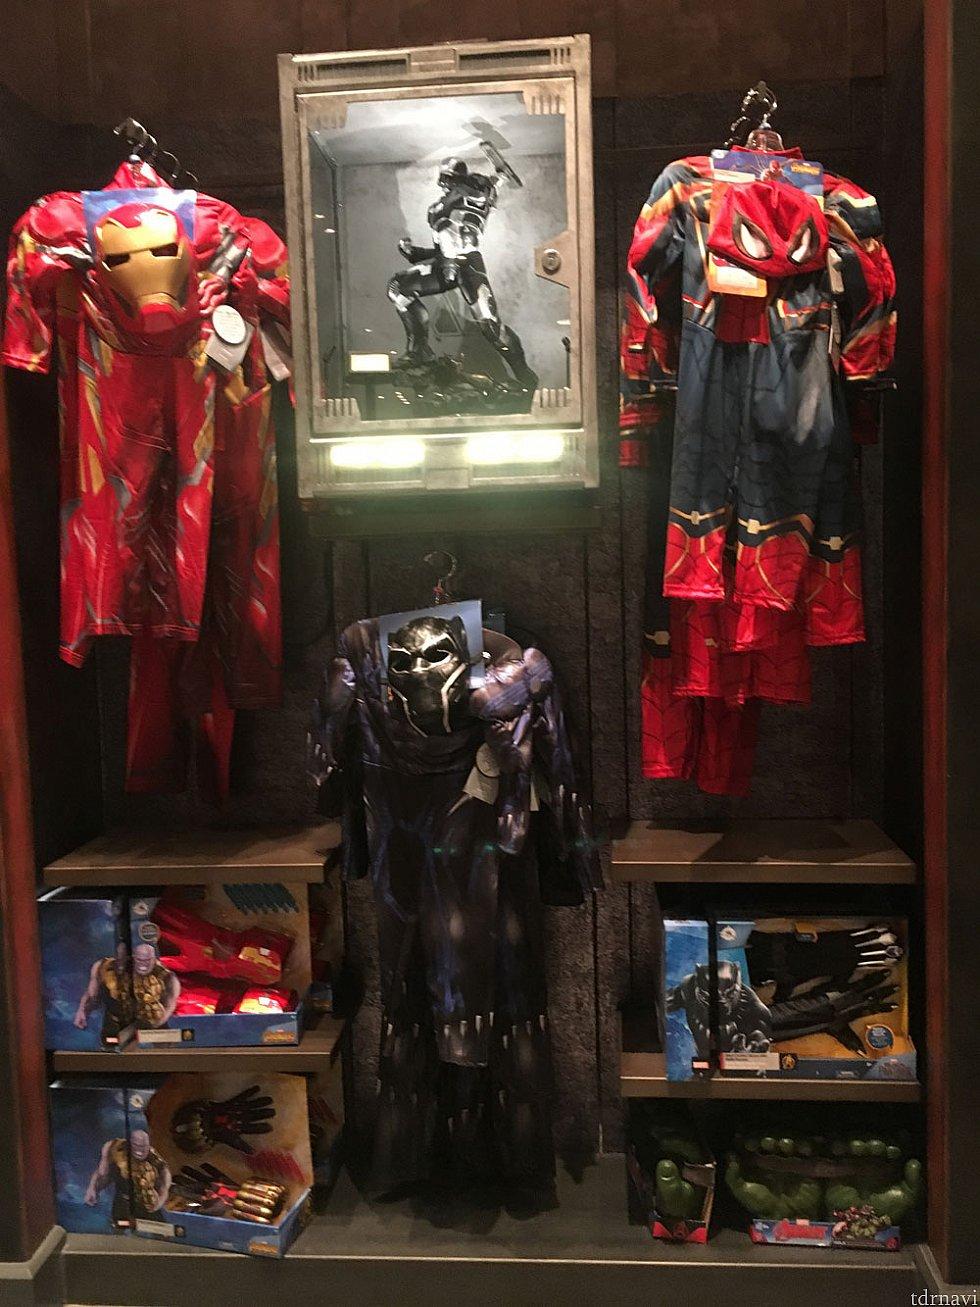 子供用、アイアンマン、スパイダーマン、ブラックパンサー。 アベンジャーズ インフィニティウォーの新しいデザインかなと思います。